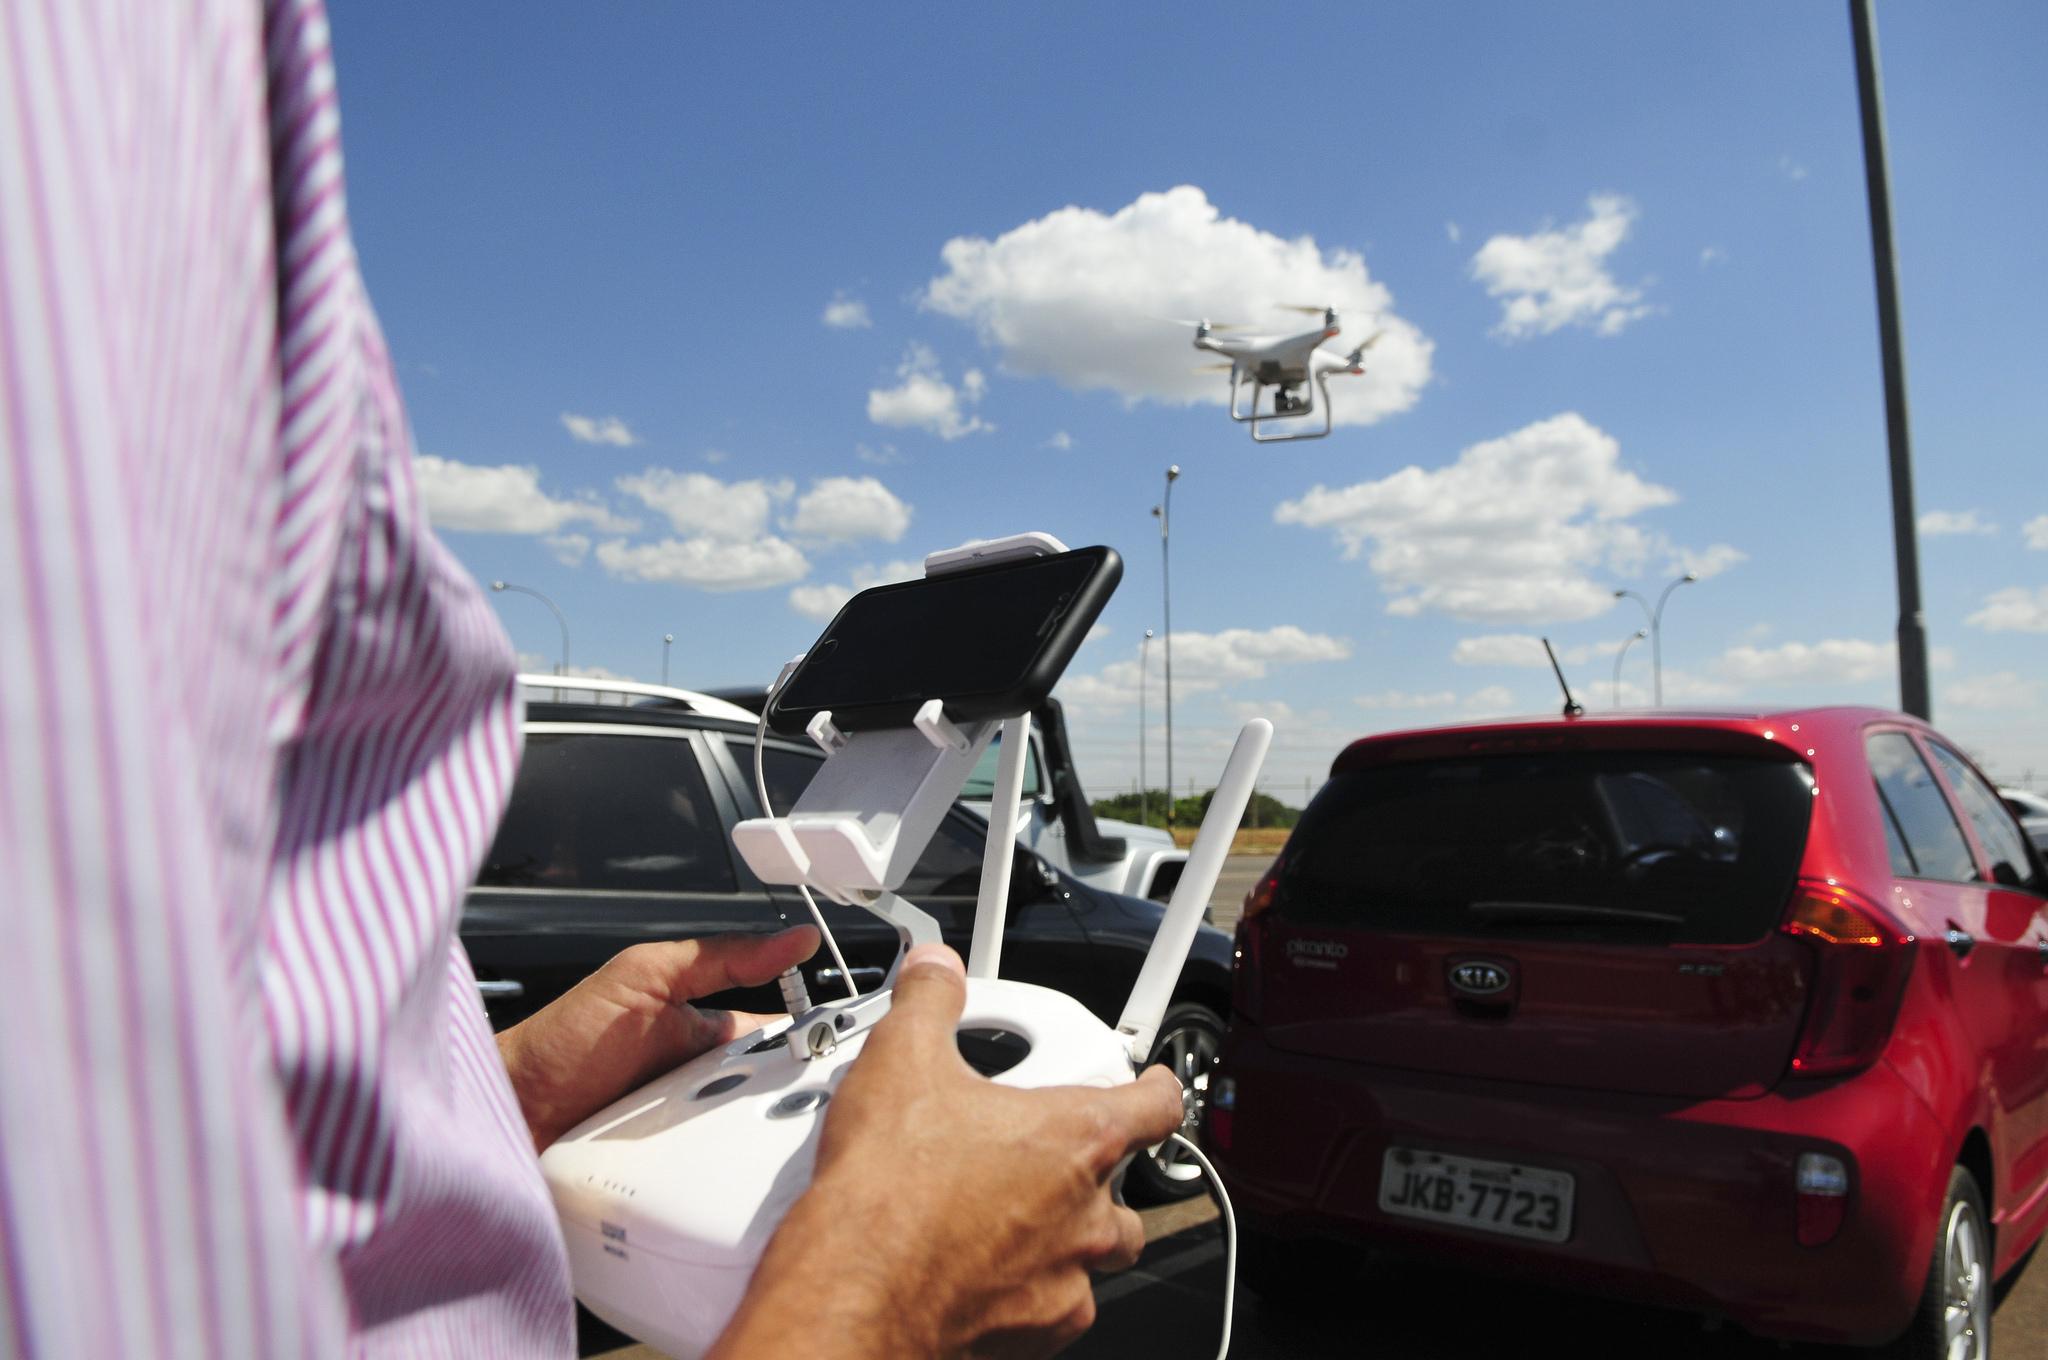 Tecnologia - geral - drones imagens transmissão